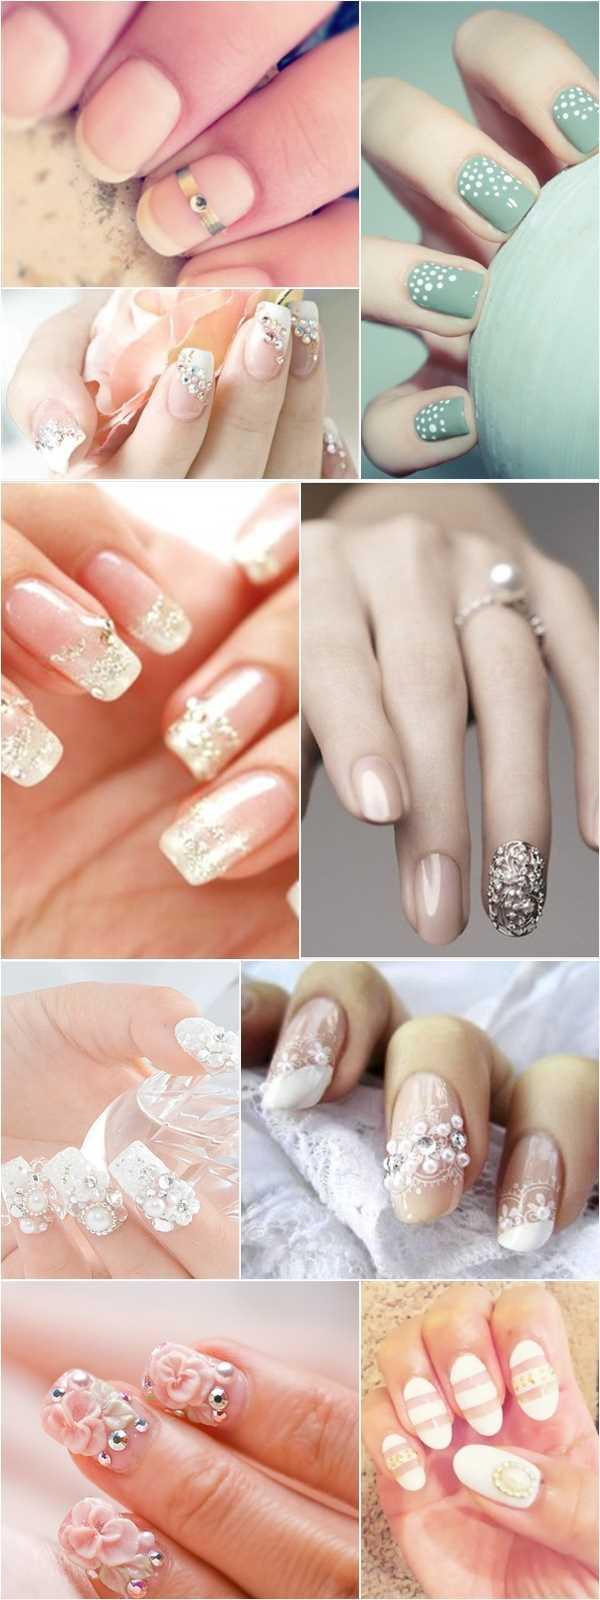 14227__600x8240_floral-wedding-nail-art3 Идеи свадебного маникюра в цветочной тематике